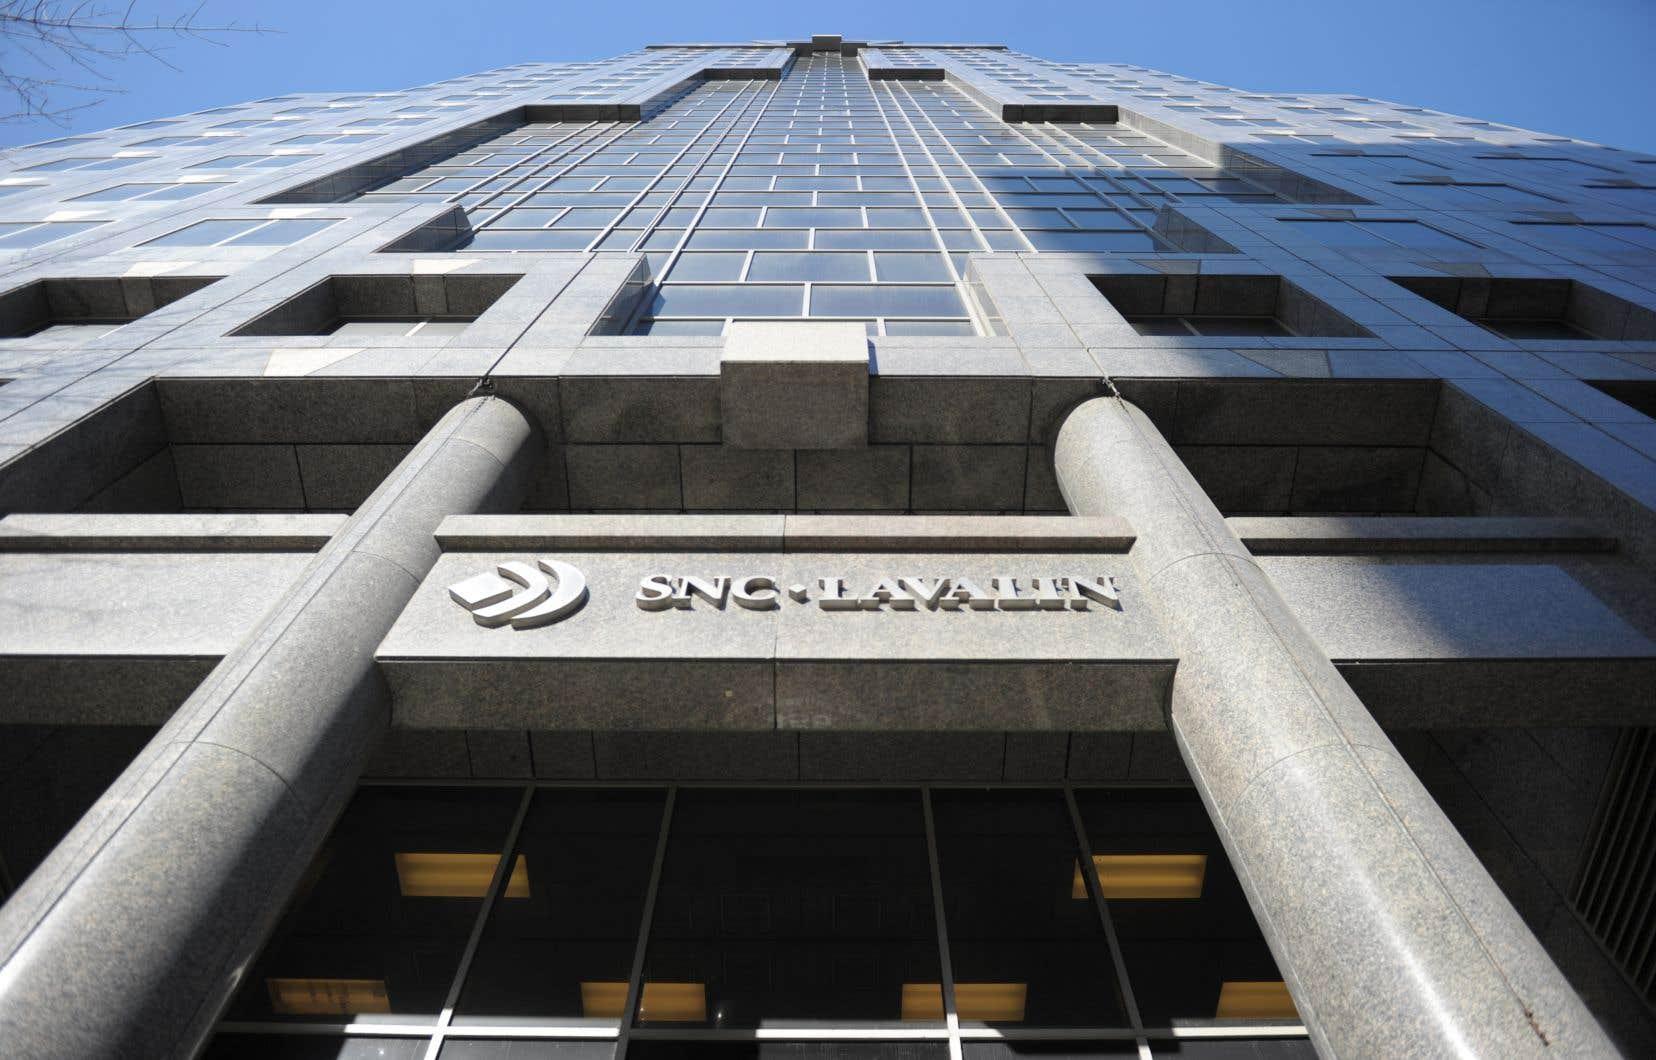 Vendredi, SNC-Lavalin a subi un revers dans sa tentative d'éviter un procès. La Cour fédérale a rejeté sa demande de révision de la décision du fédéral de ne pas négocier un accord de réparation avec elle.